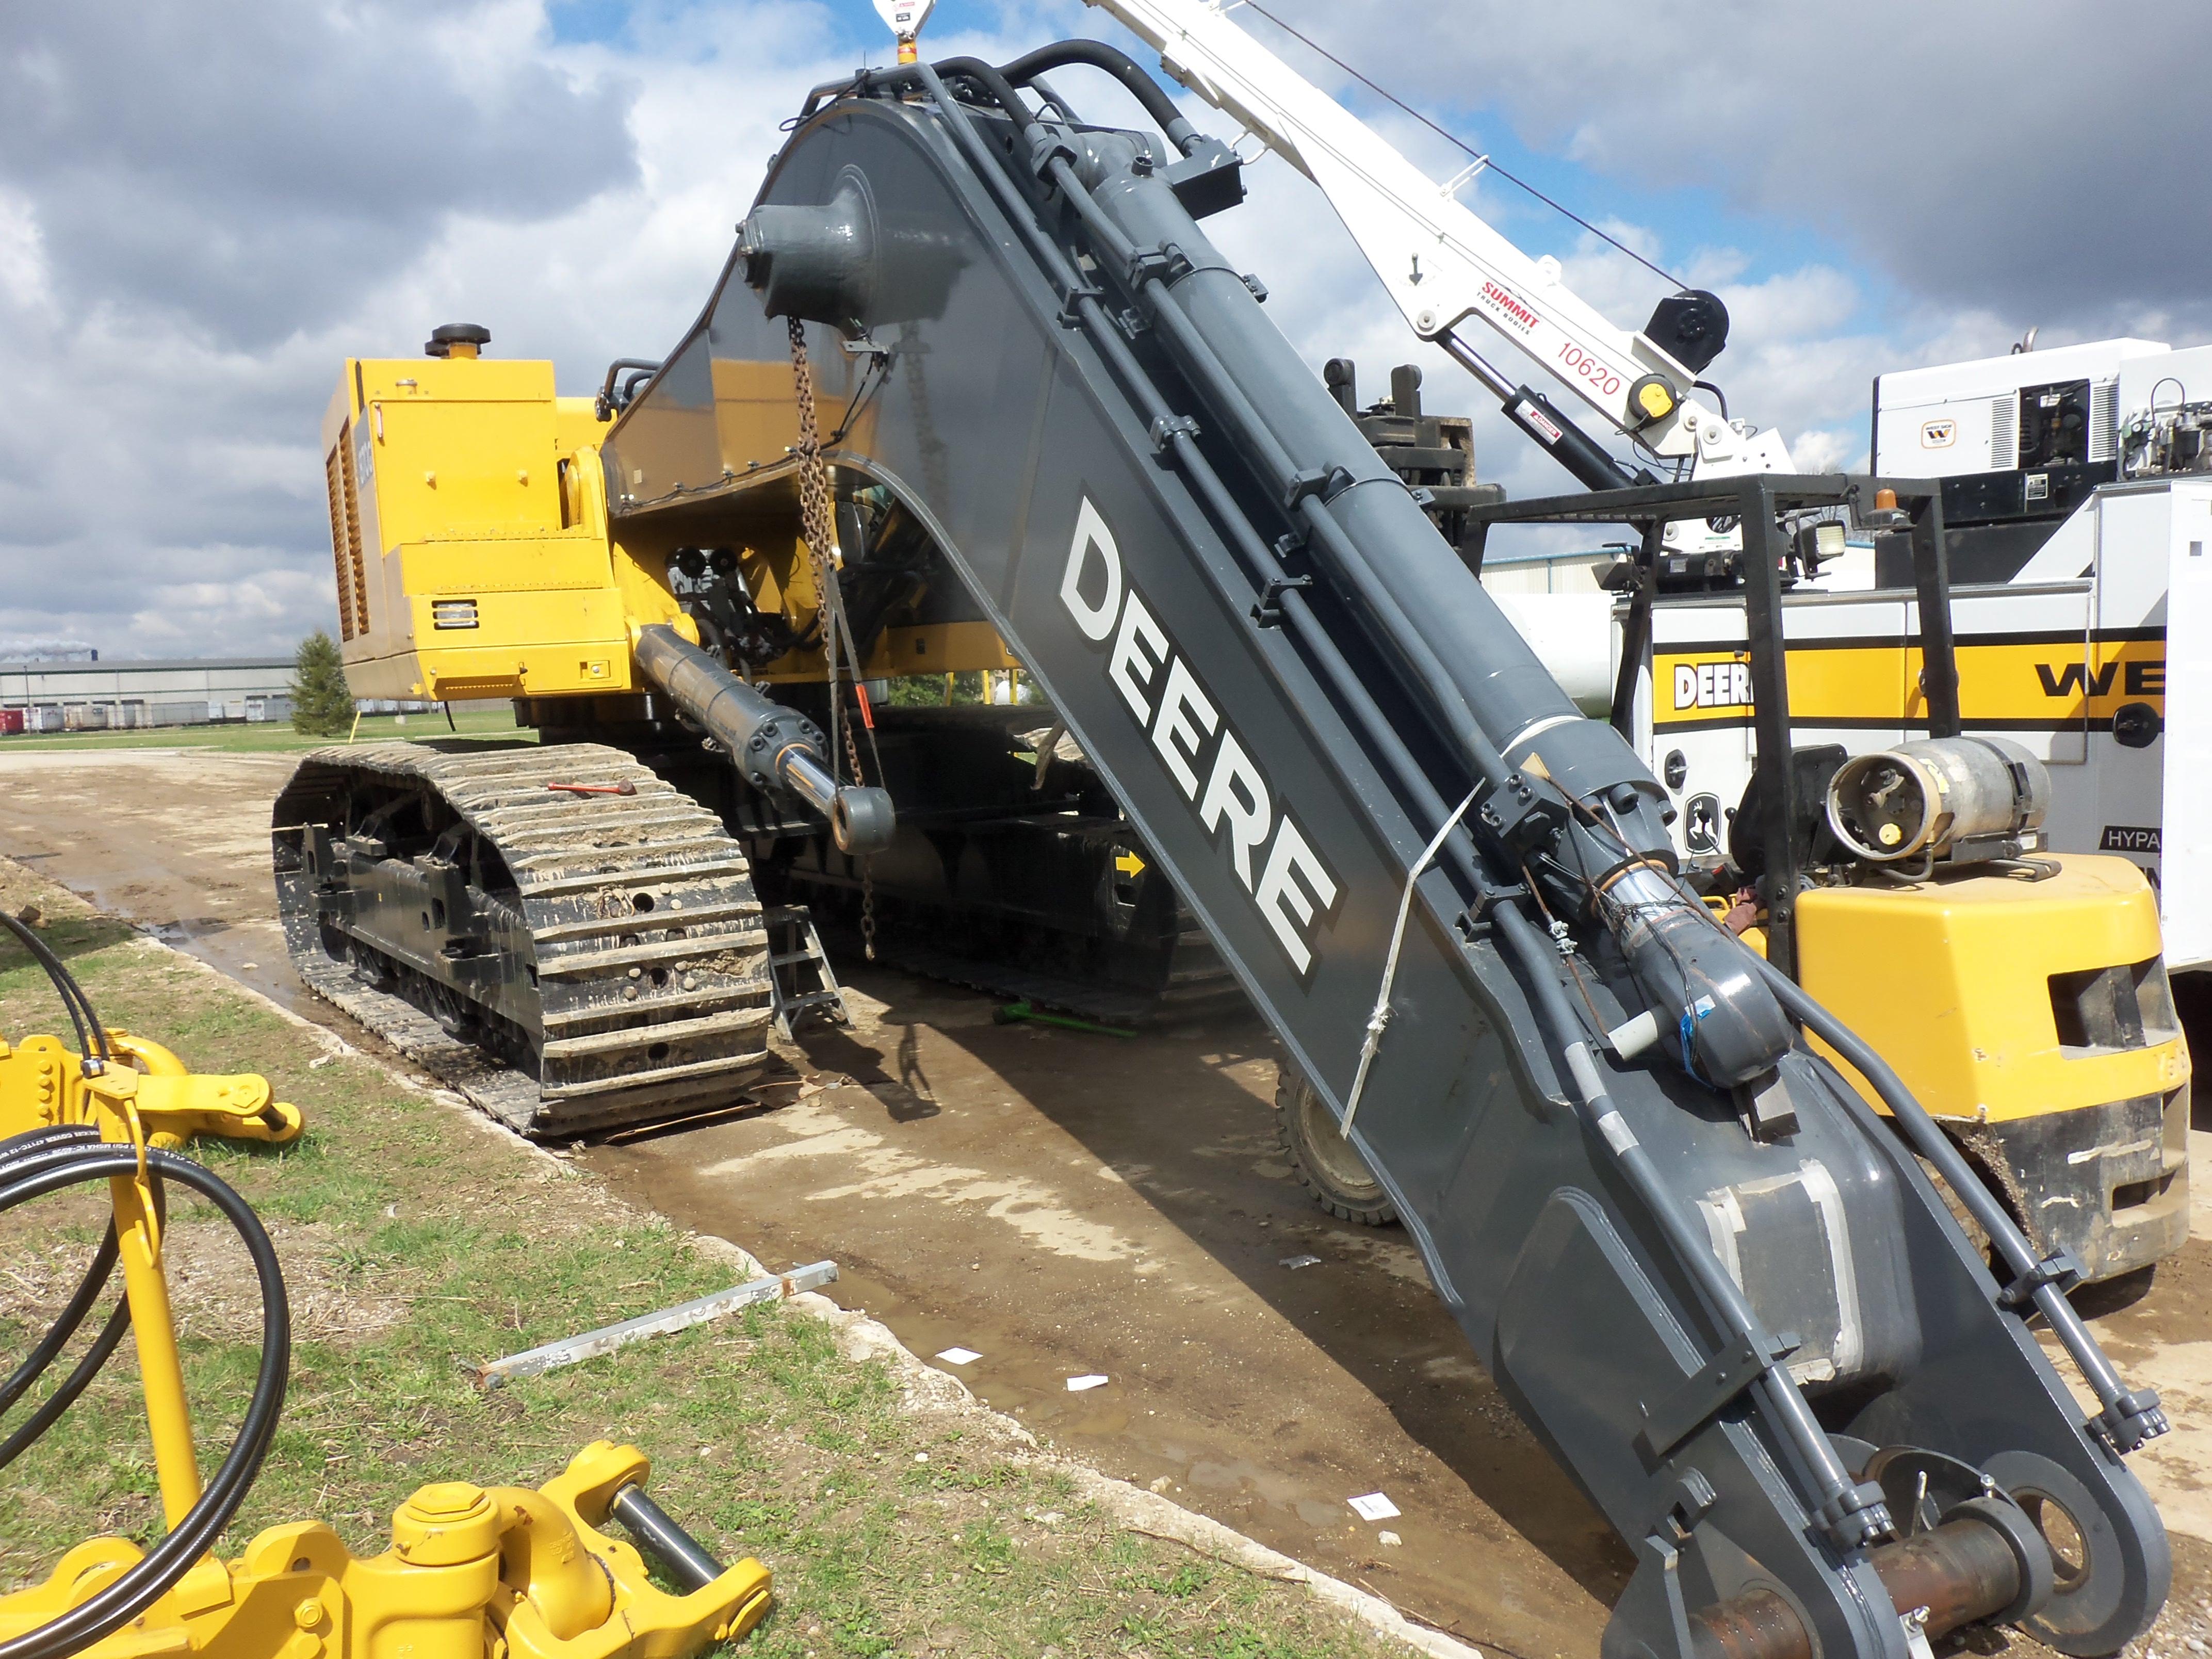 532hp John Deere 870G LC excavator | Tractors | Pinterest ...